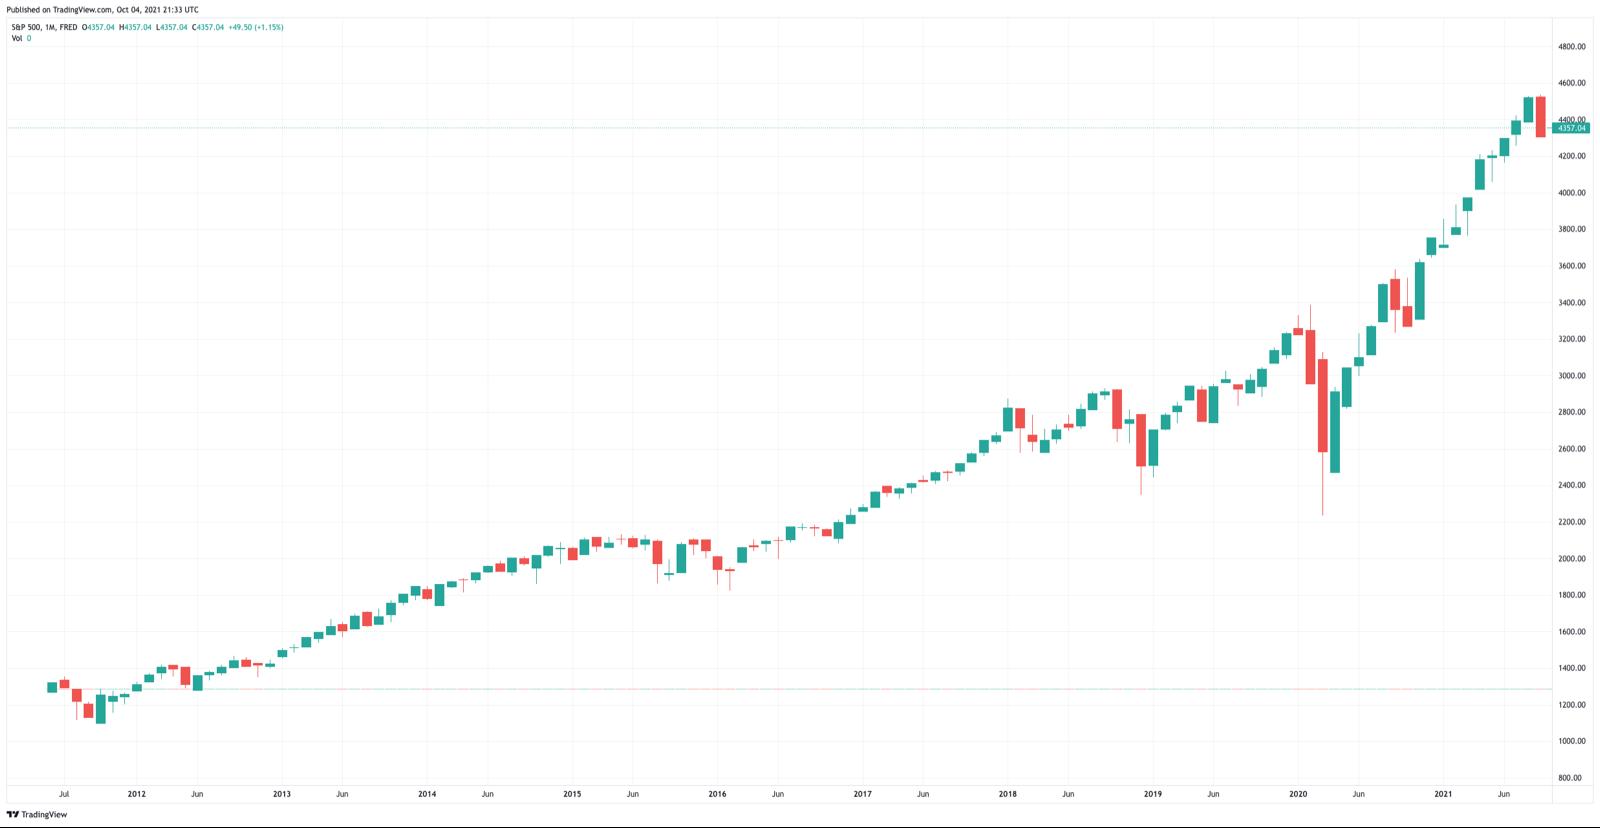 Dollar-Cost Averaging Index Example